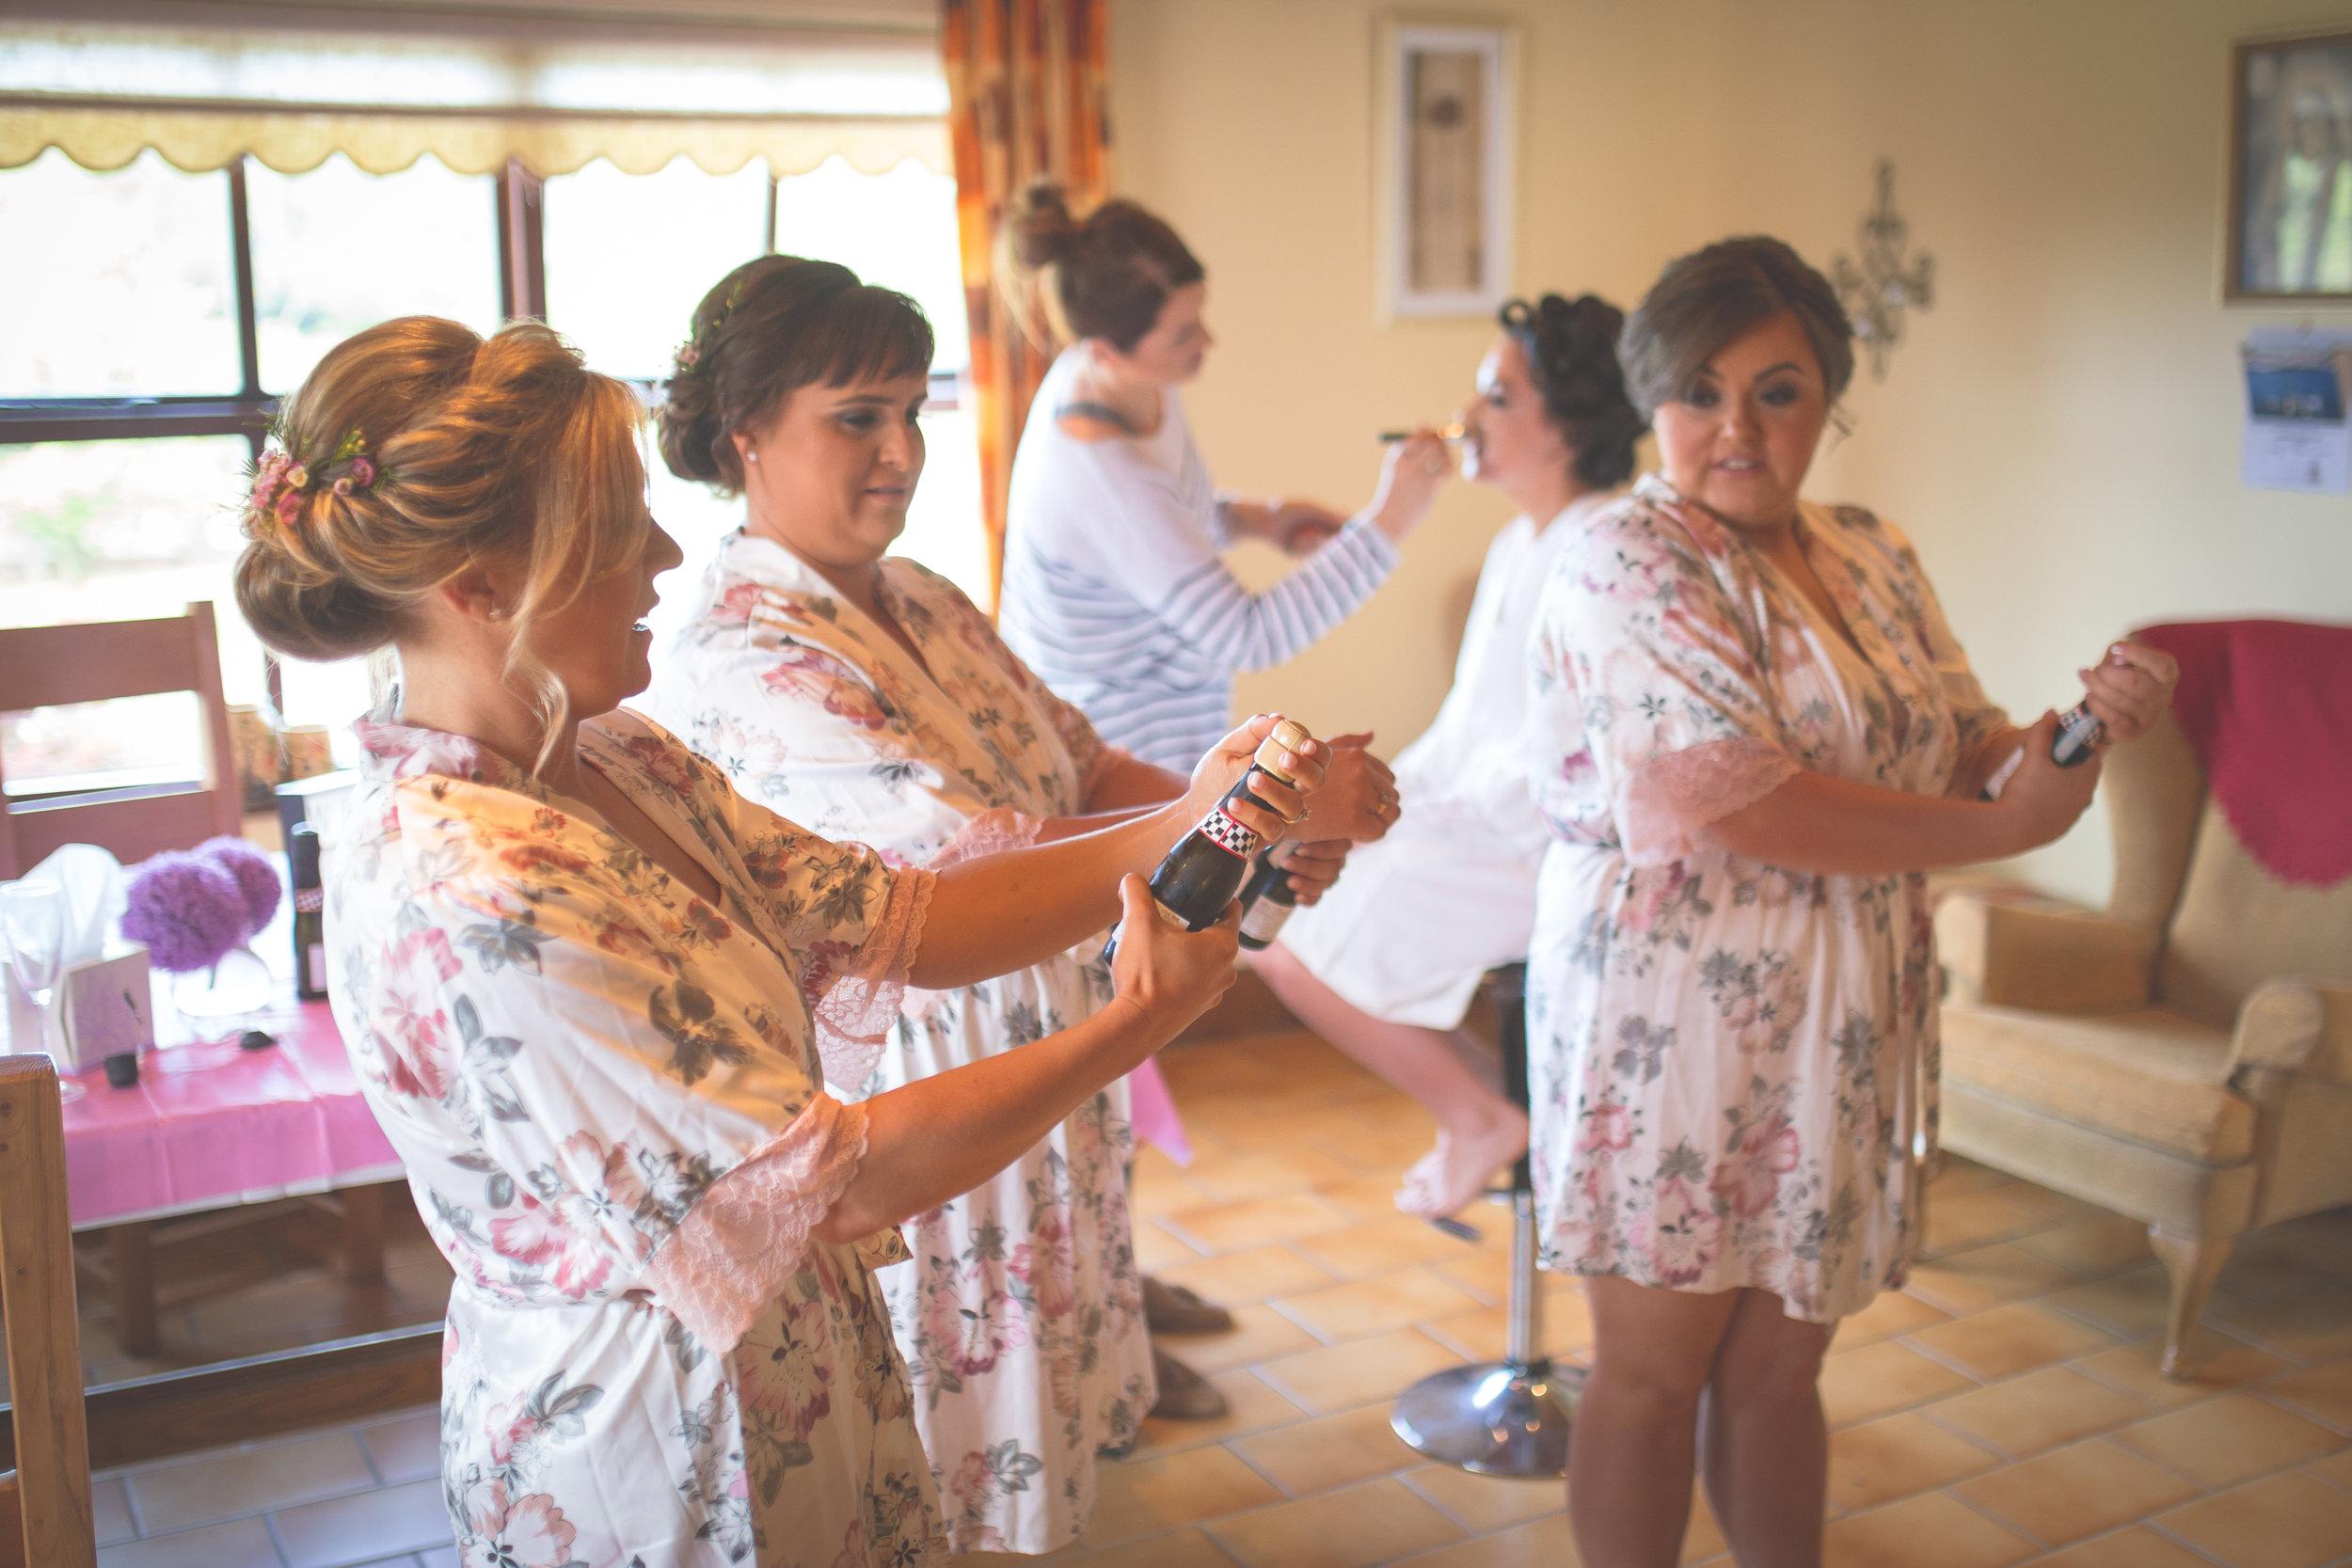 Brian McEwan Wedding Photography | Carol-Anne & Sean | Bridal Preparations-99.jpg